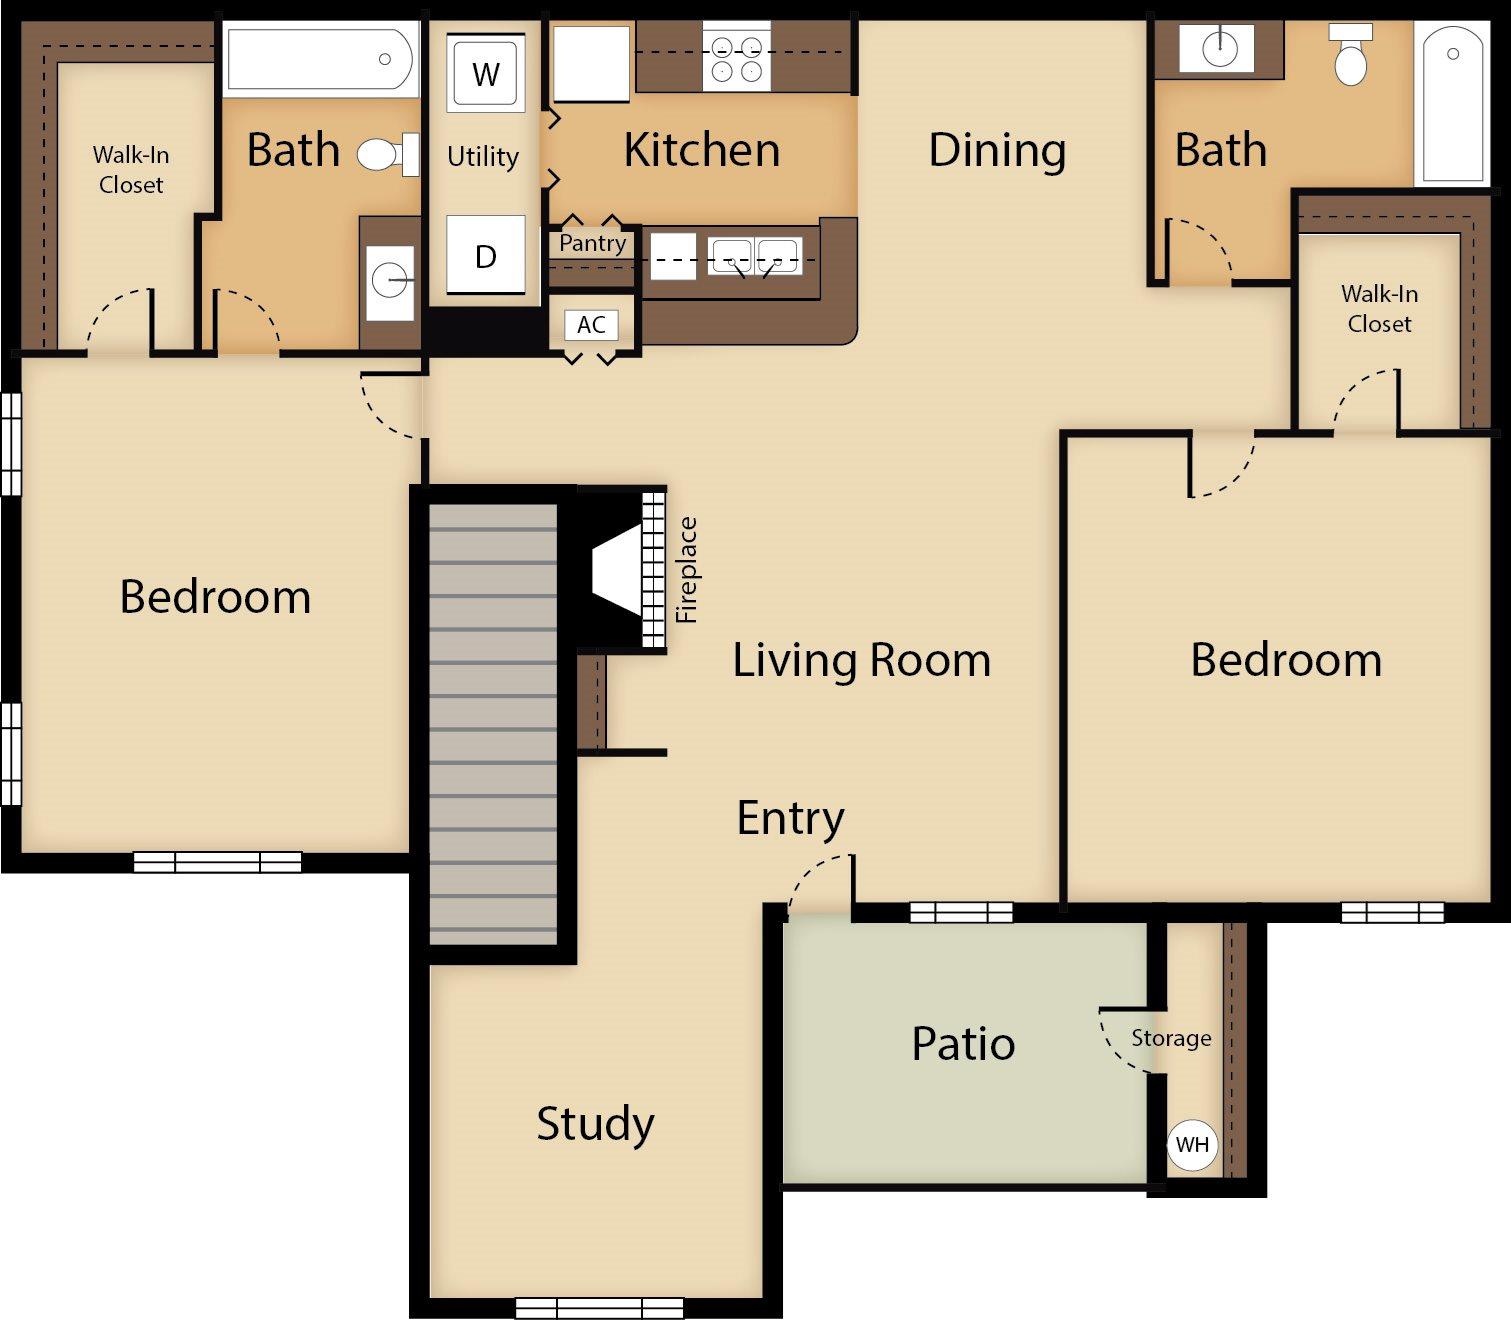 2 Bedroom with Study Floor Plan 4